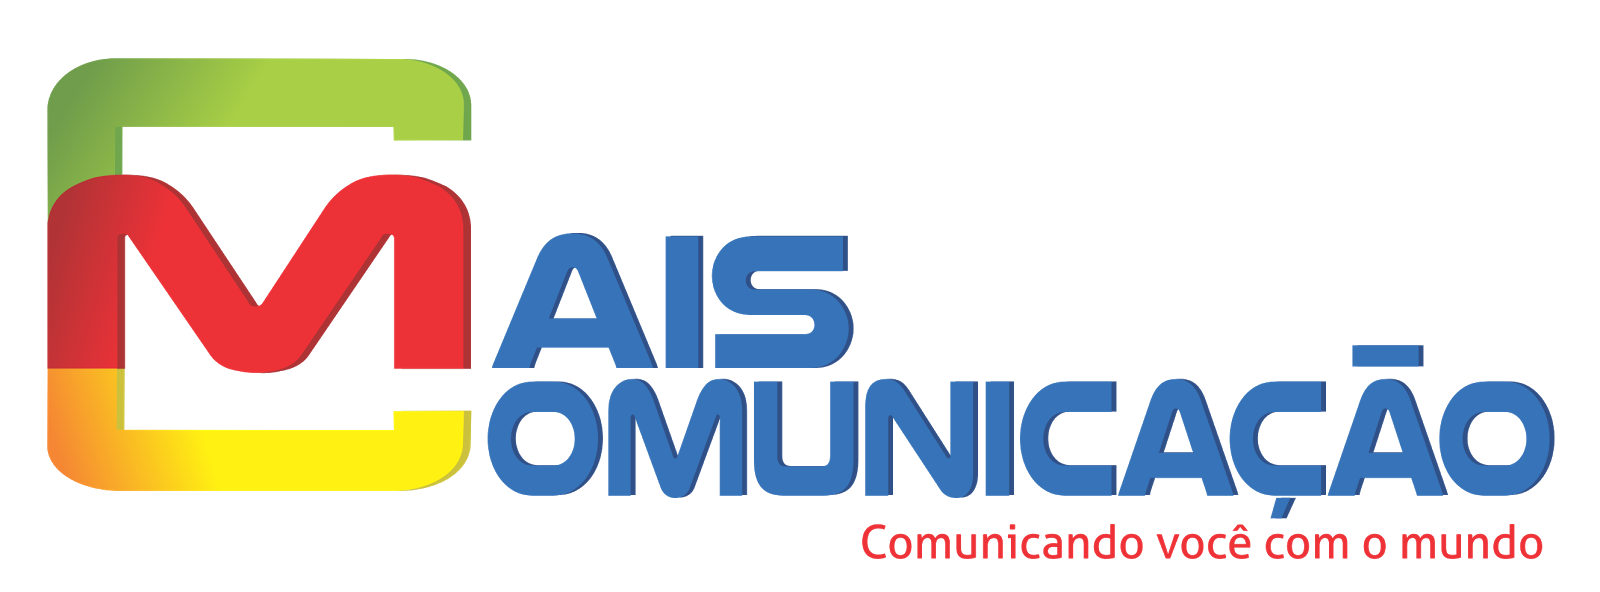 NOVA LOGOMARCA DA MAIS COMUNICAÇÃO